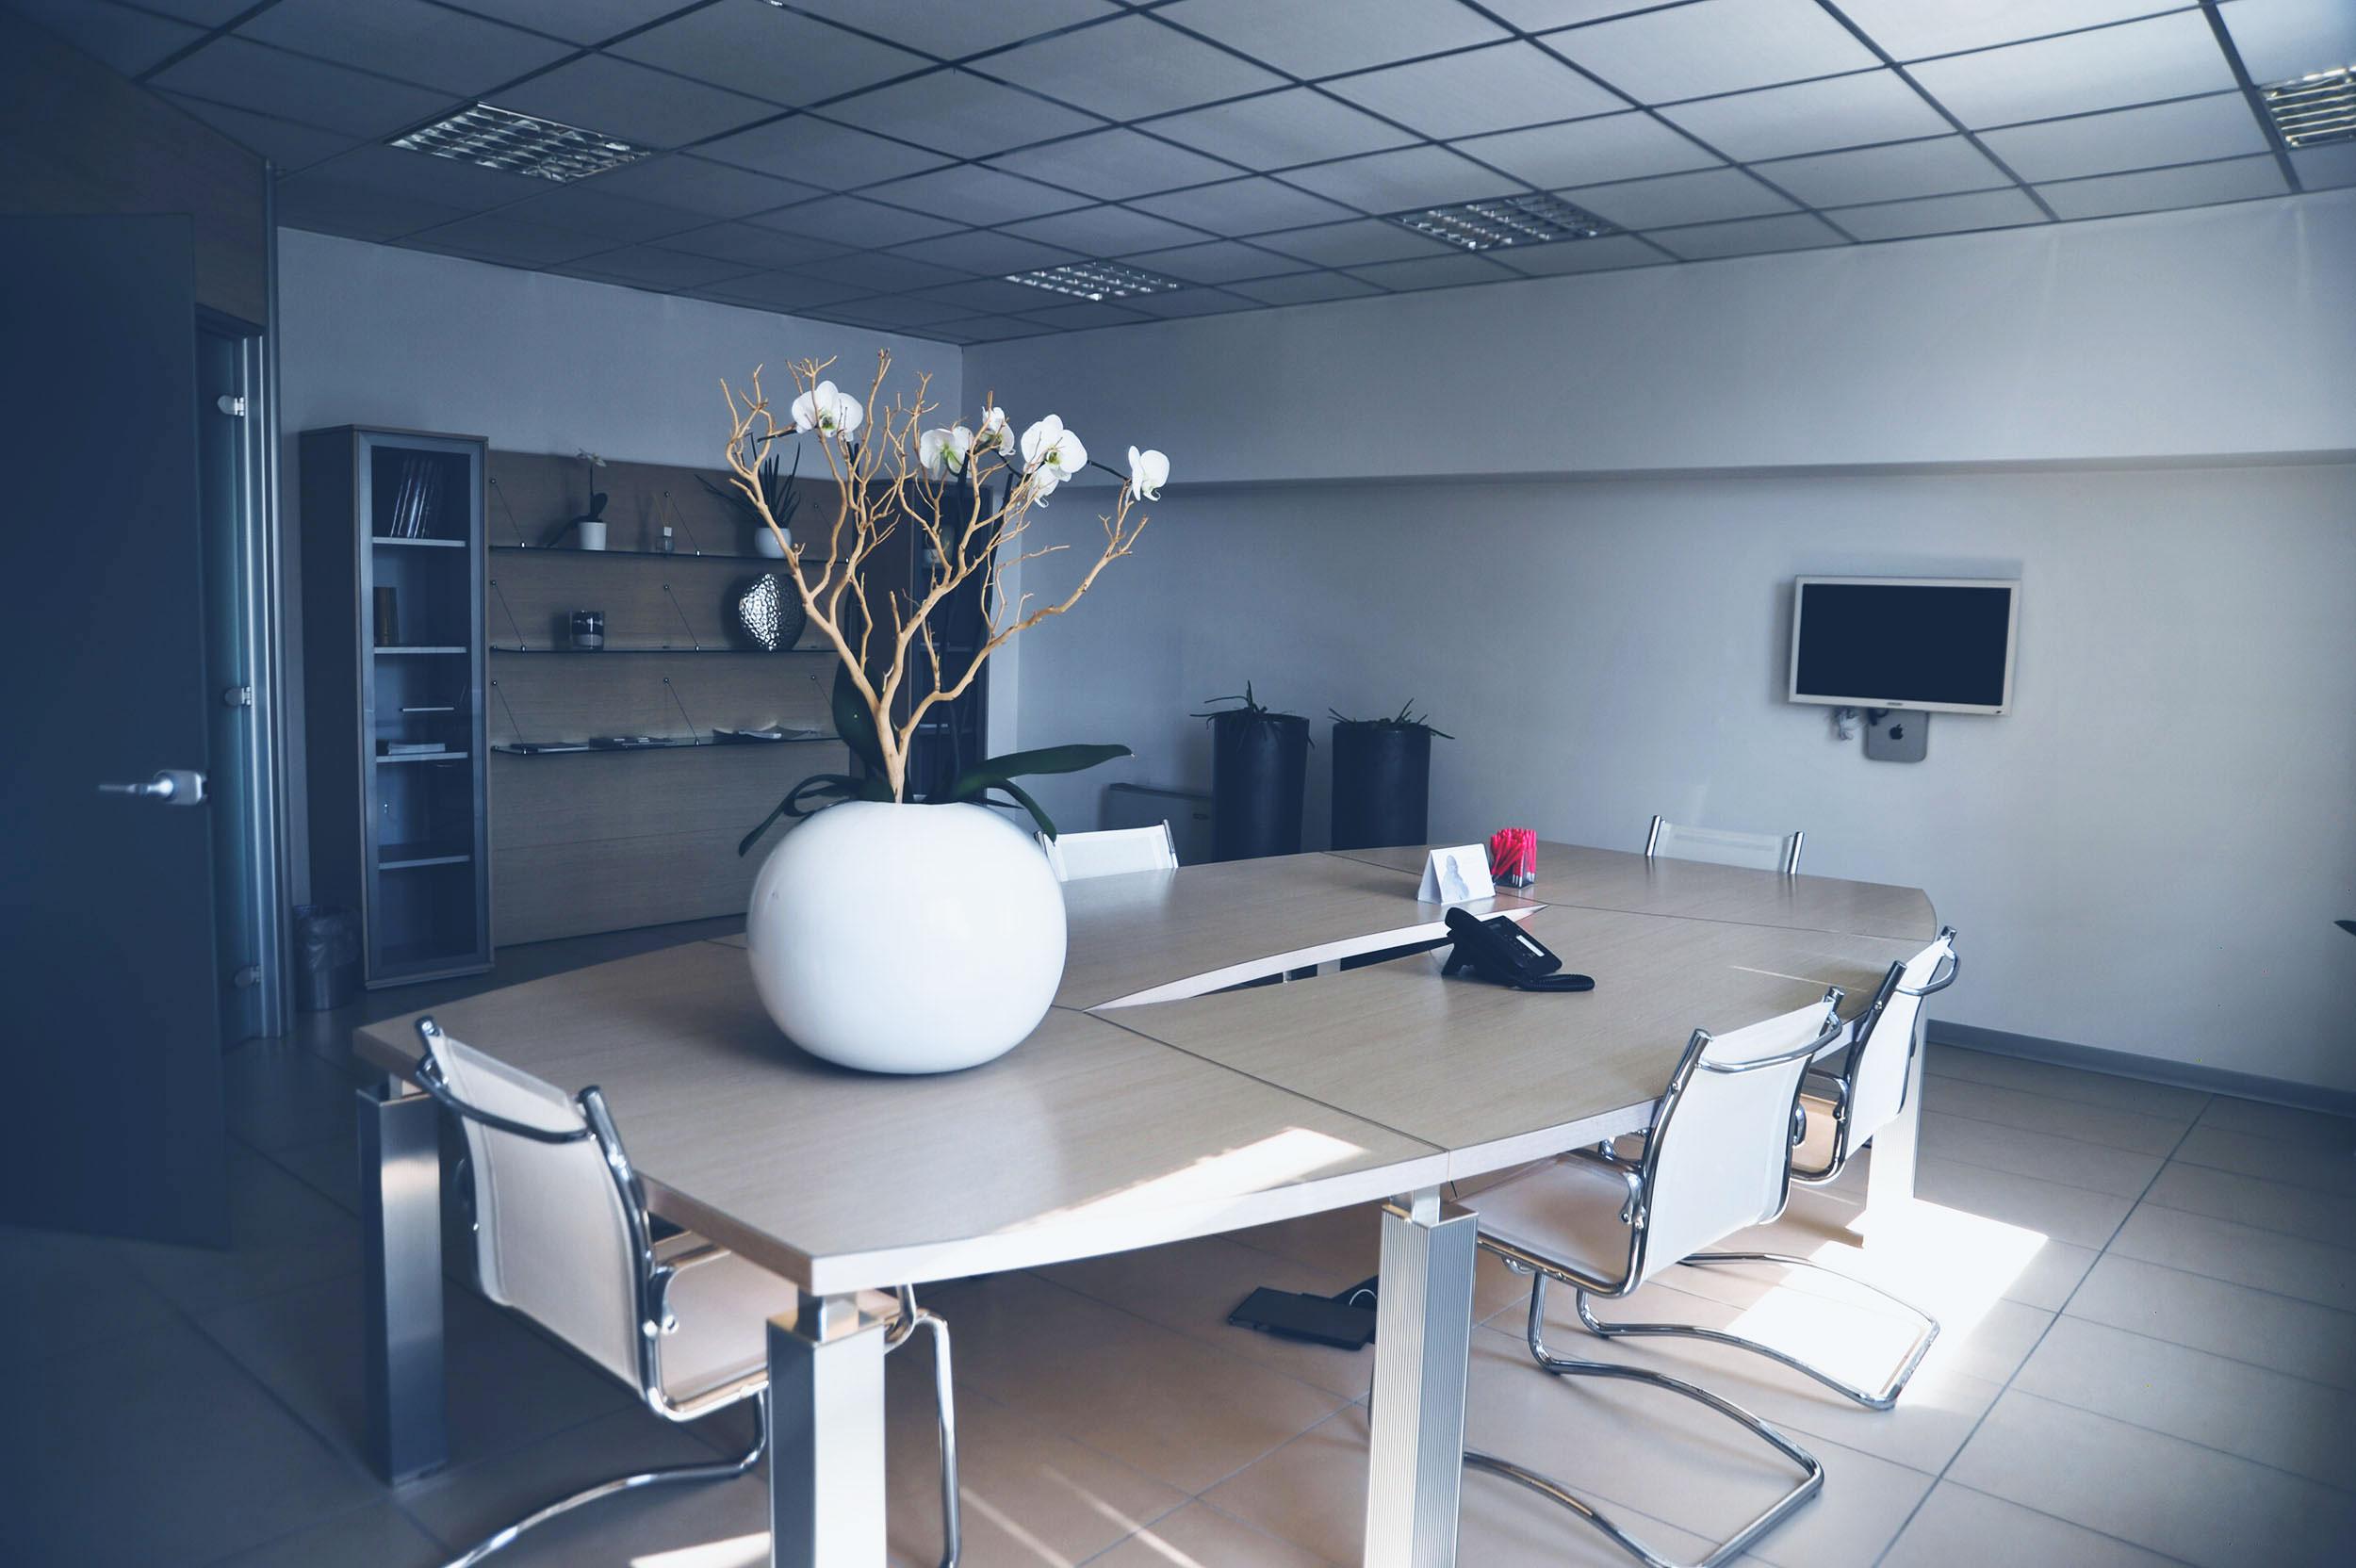 7 - ASG SPA OFFICE - UFFICIO ASG SPA